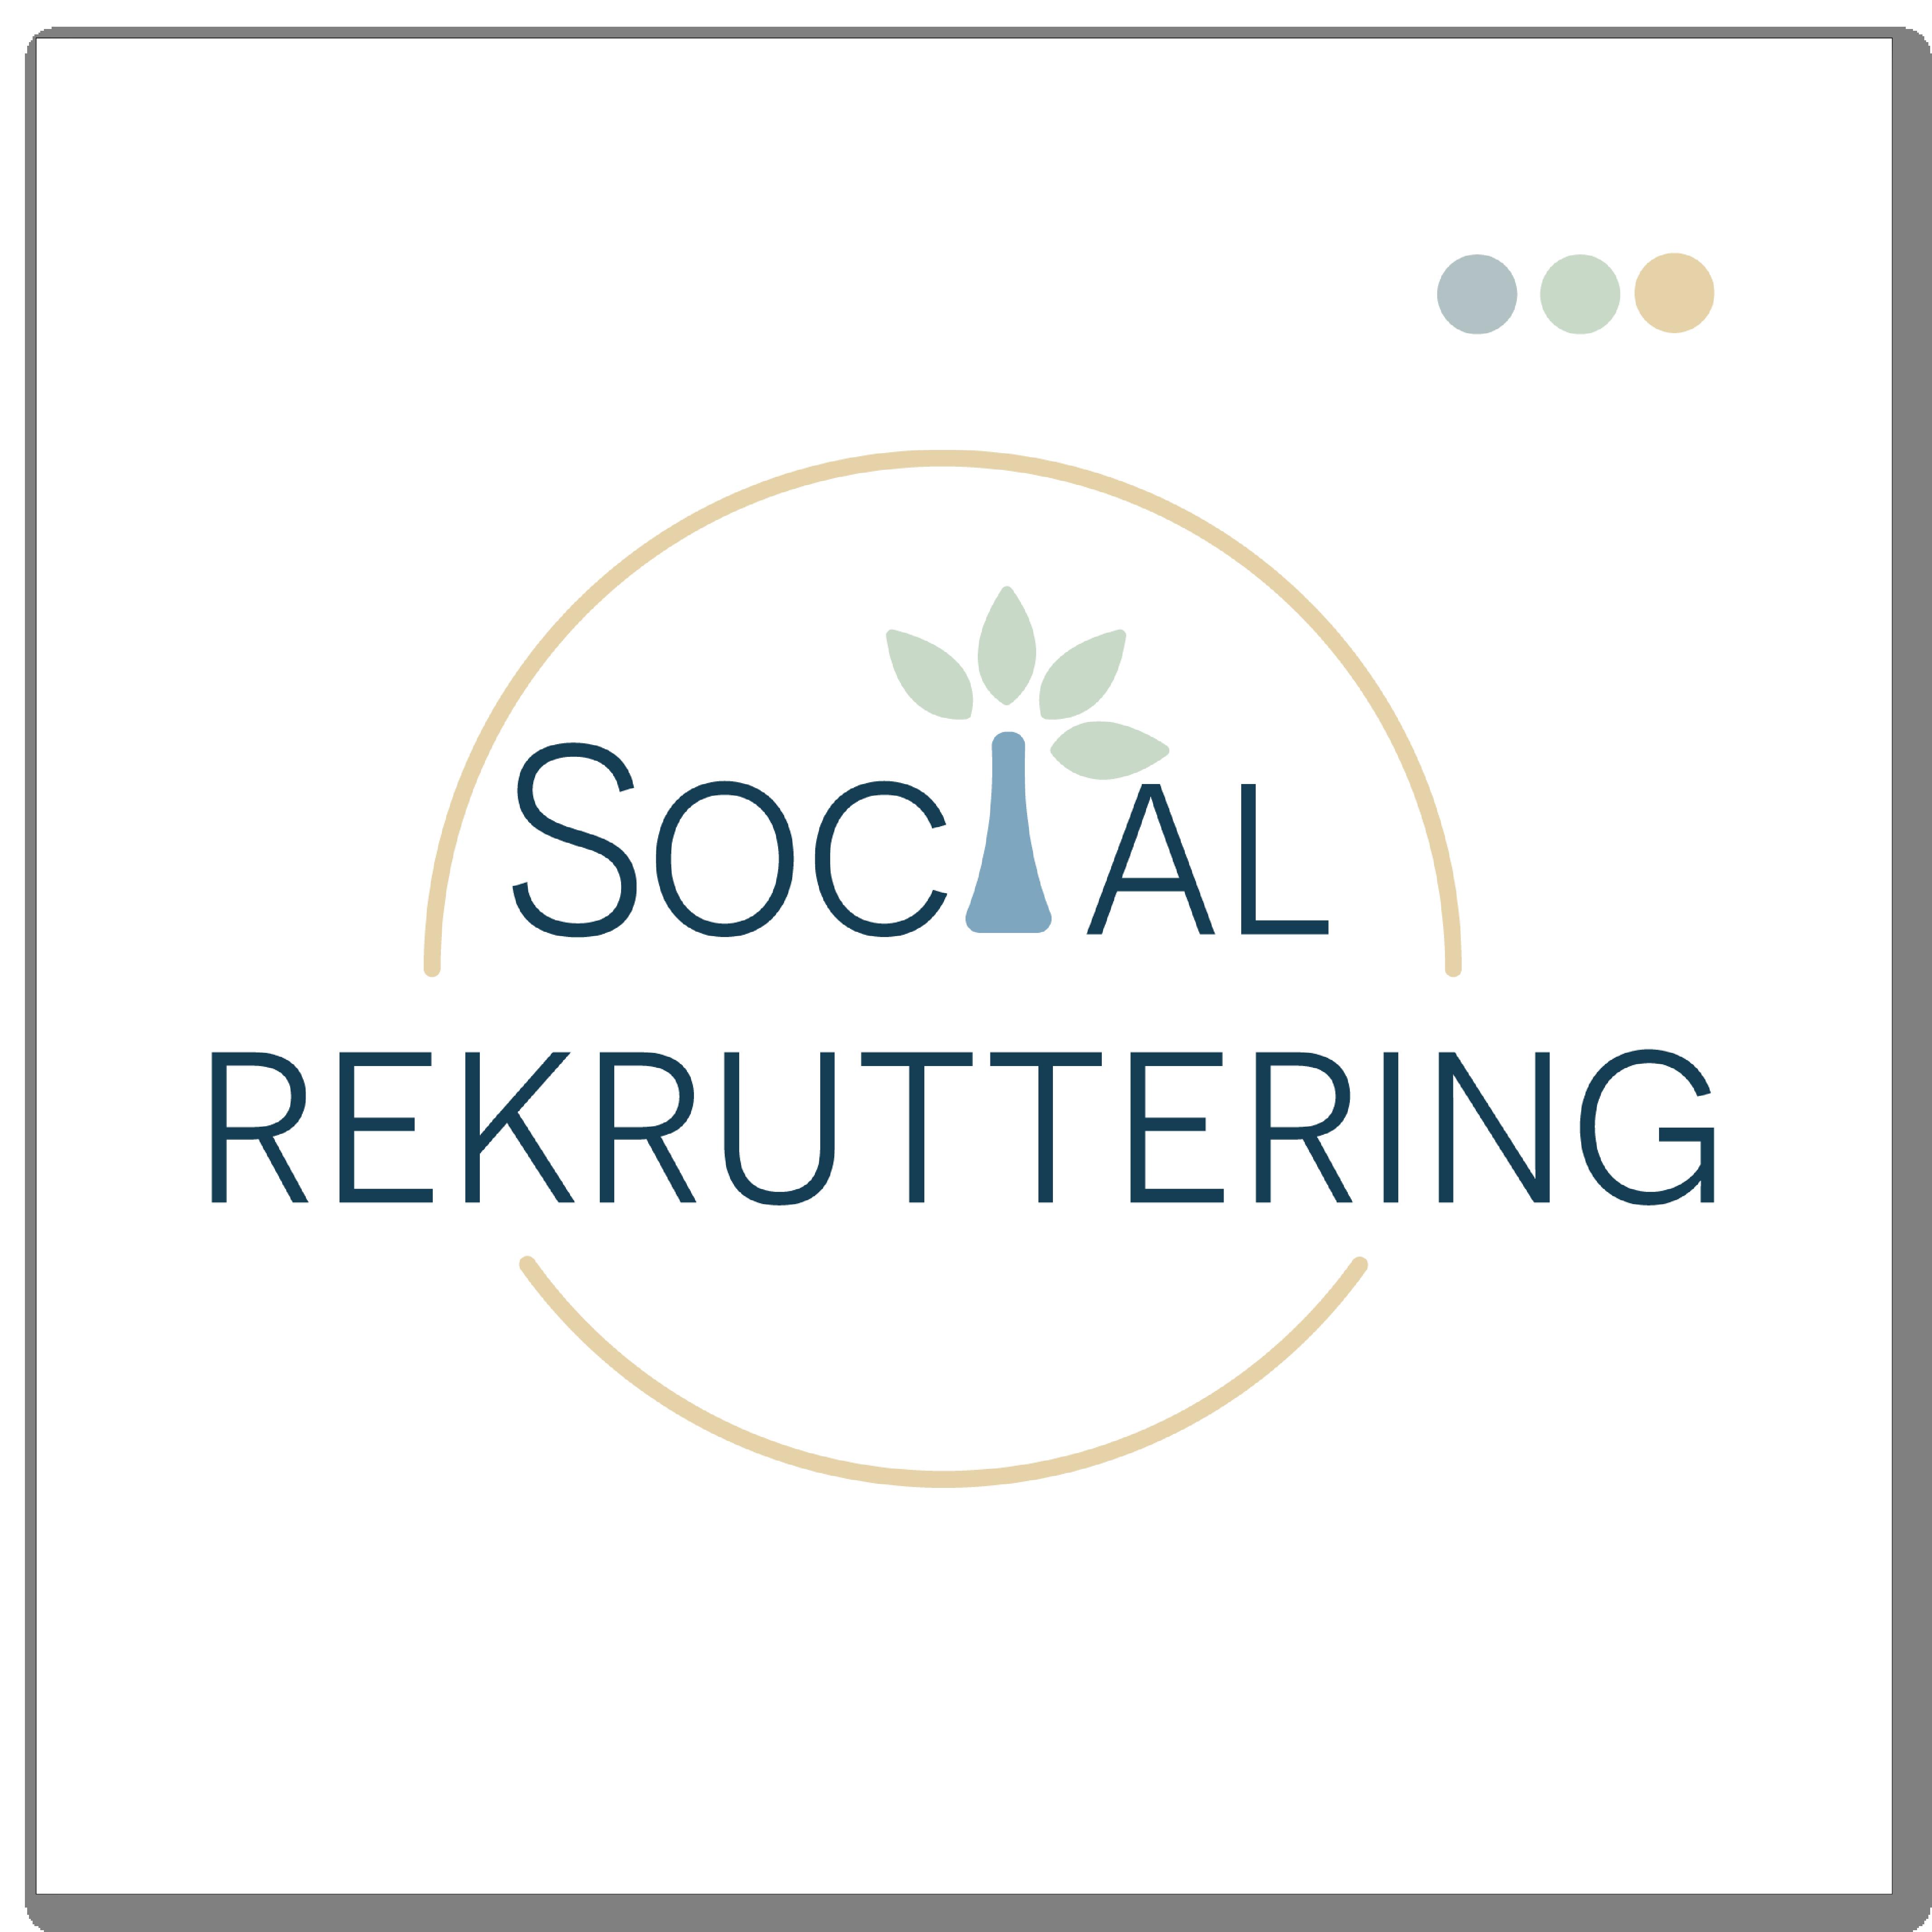 visuel_identitet_social_rekruttering_7